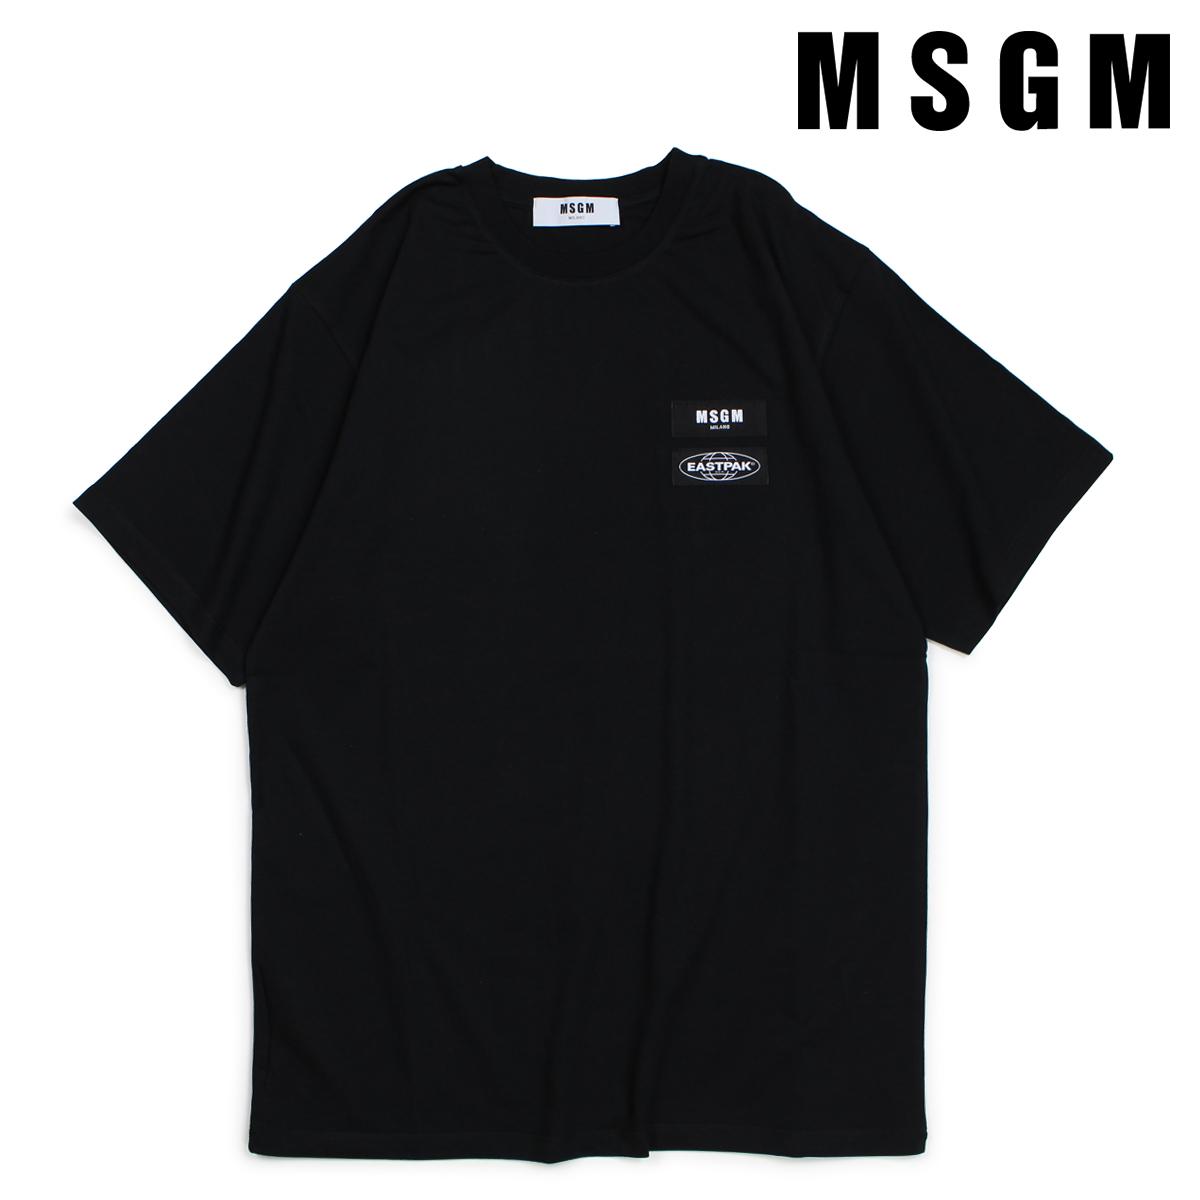 MSGM Tシャツ 半袖 メンズ エムエスジーエム SHORT-SLEEVED T-SHIRT ブラック 2540MM200 184798 [10/19 新入荷]